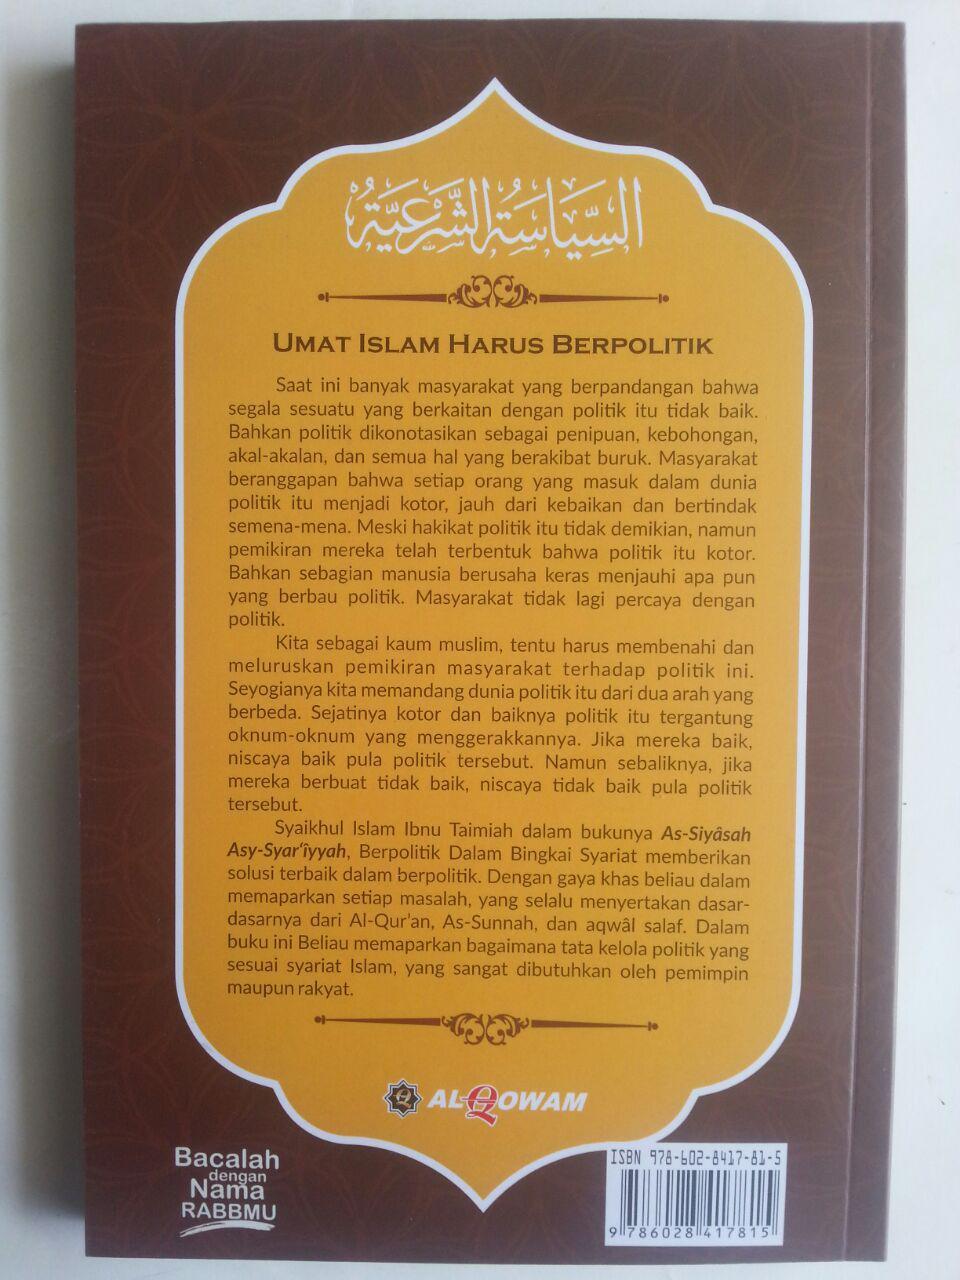 Buku Berpolitik Dalam Bingkai Syariat cover